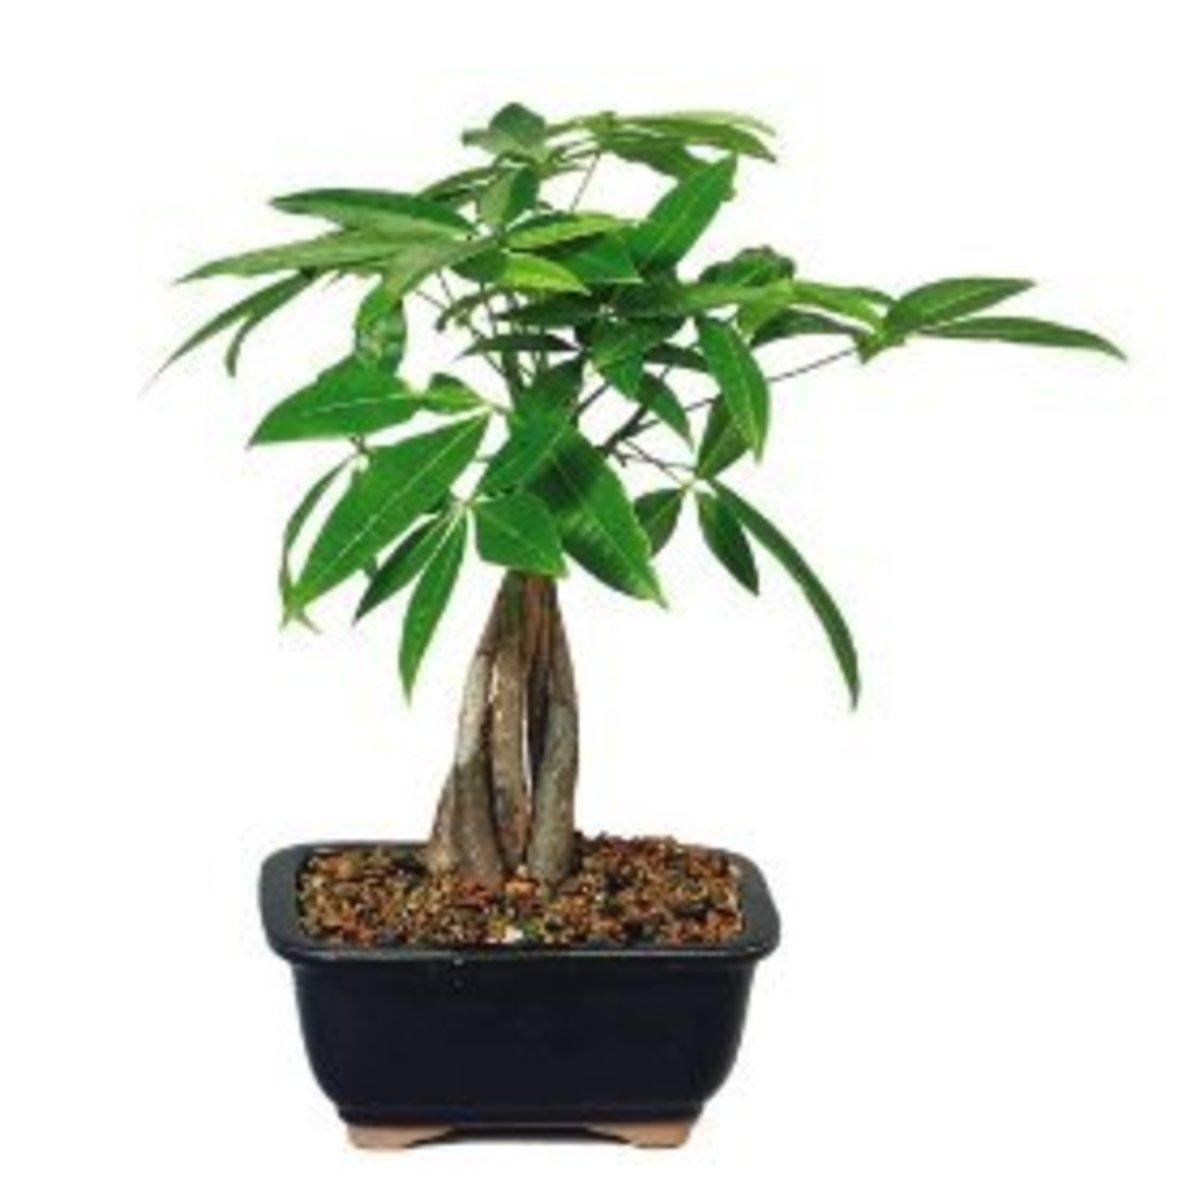 The Money tree plant